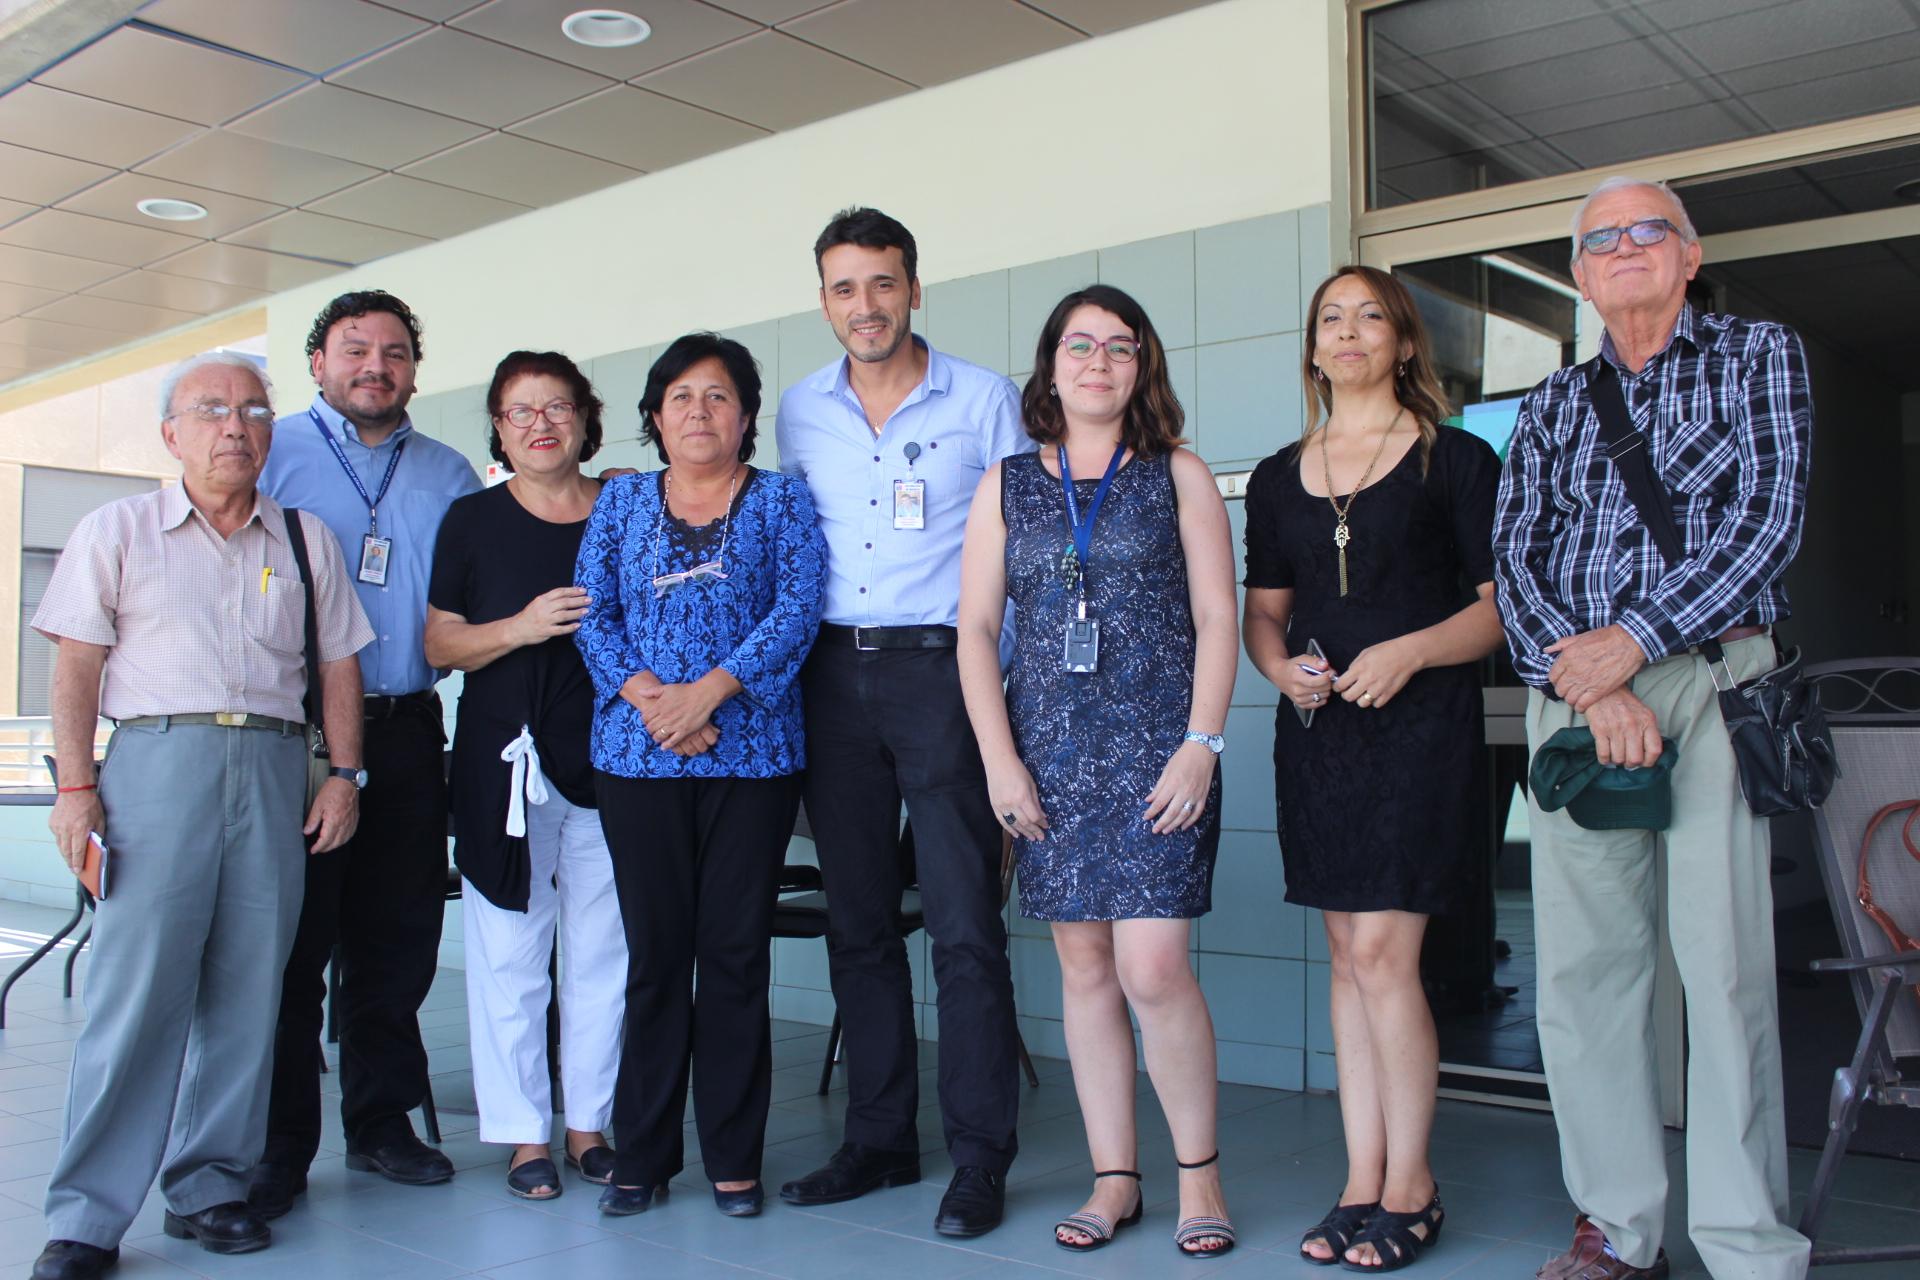 Usuarios PRAIS conforman agrupación en Hospital Provincial del Huasco